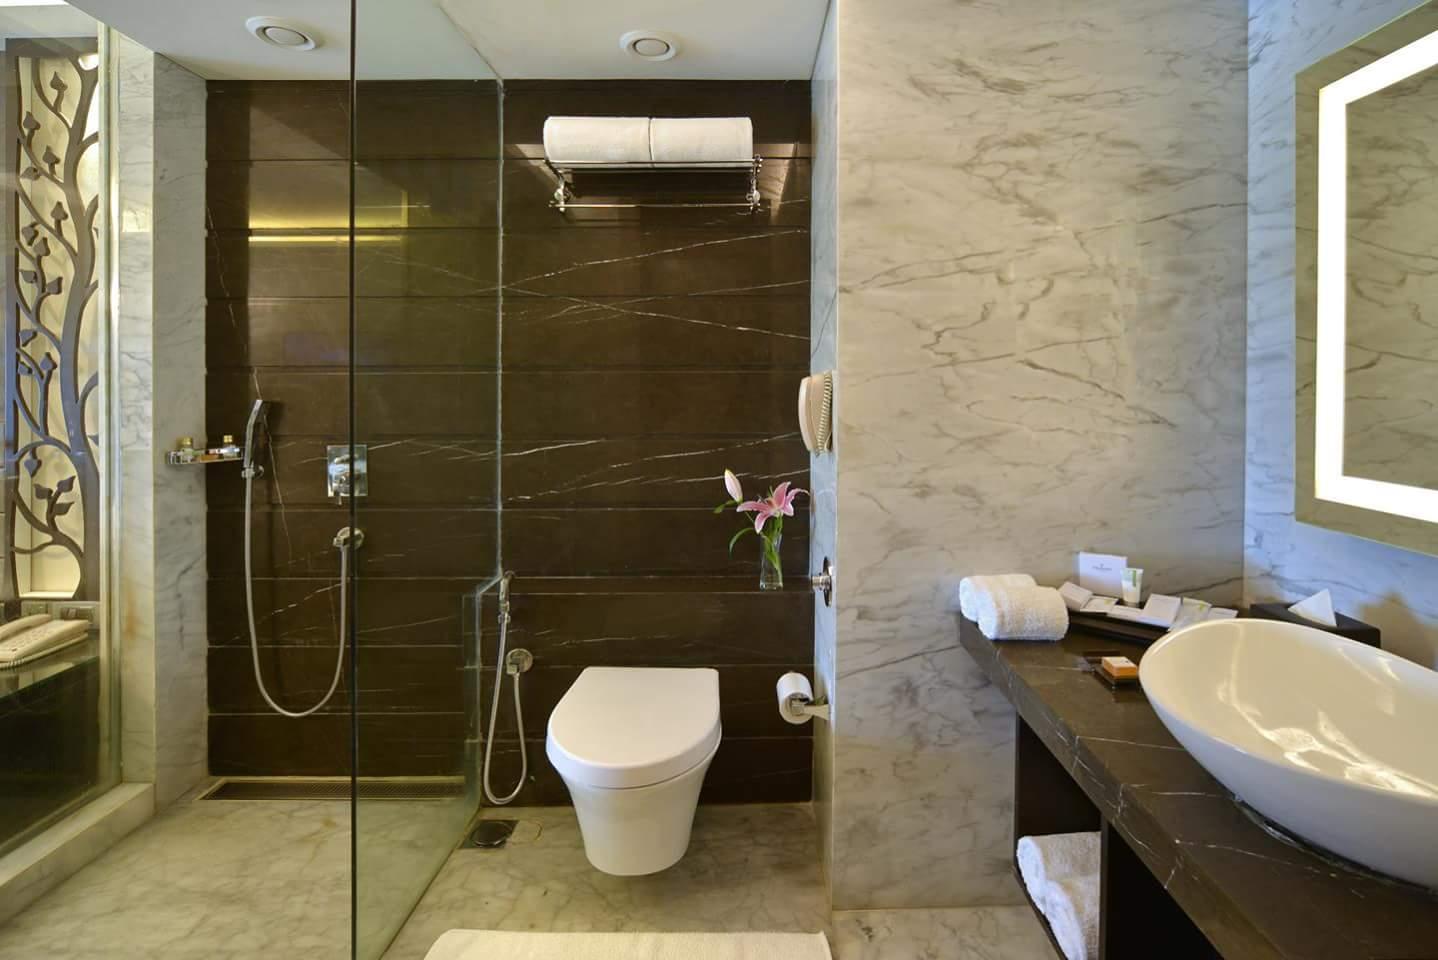 Bathroom With Brown Tiles by R. Gautam Jain Bathroom Modern | Interior Design Photos & Ideas